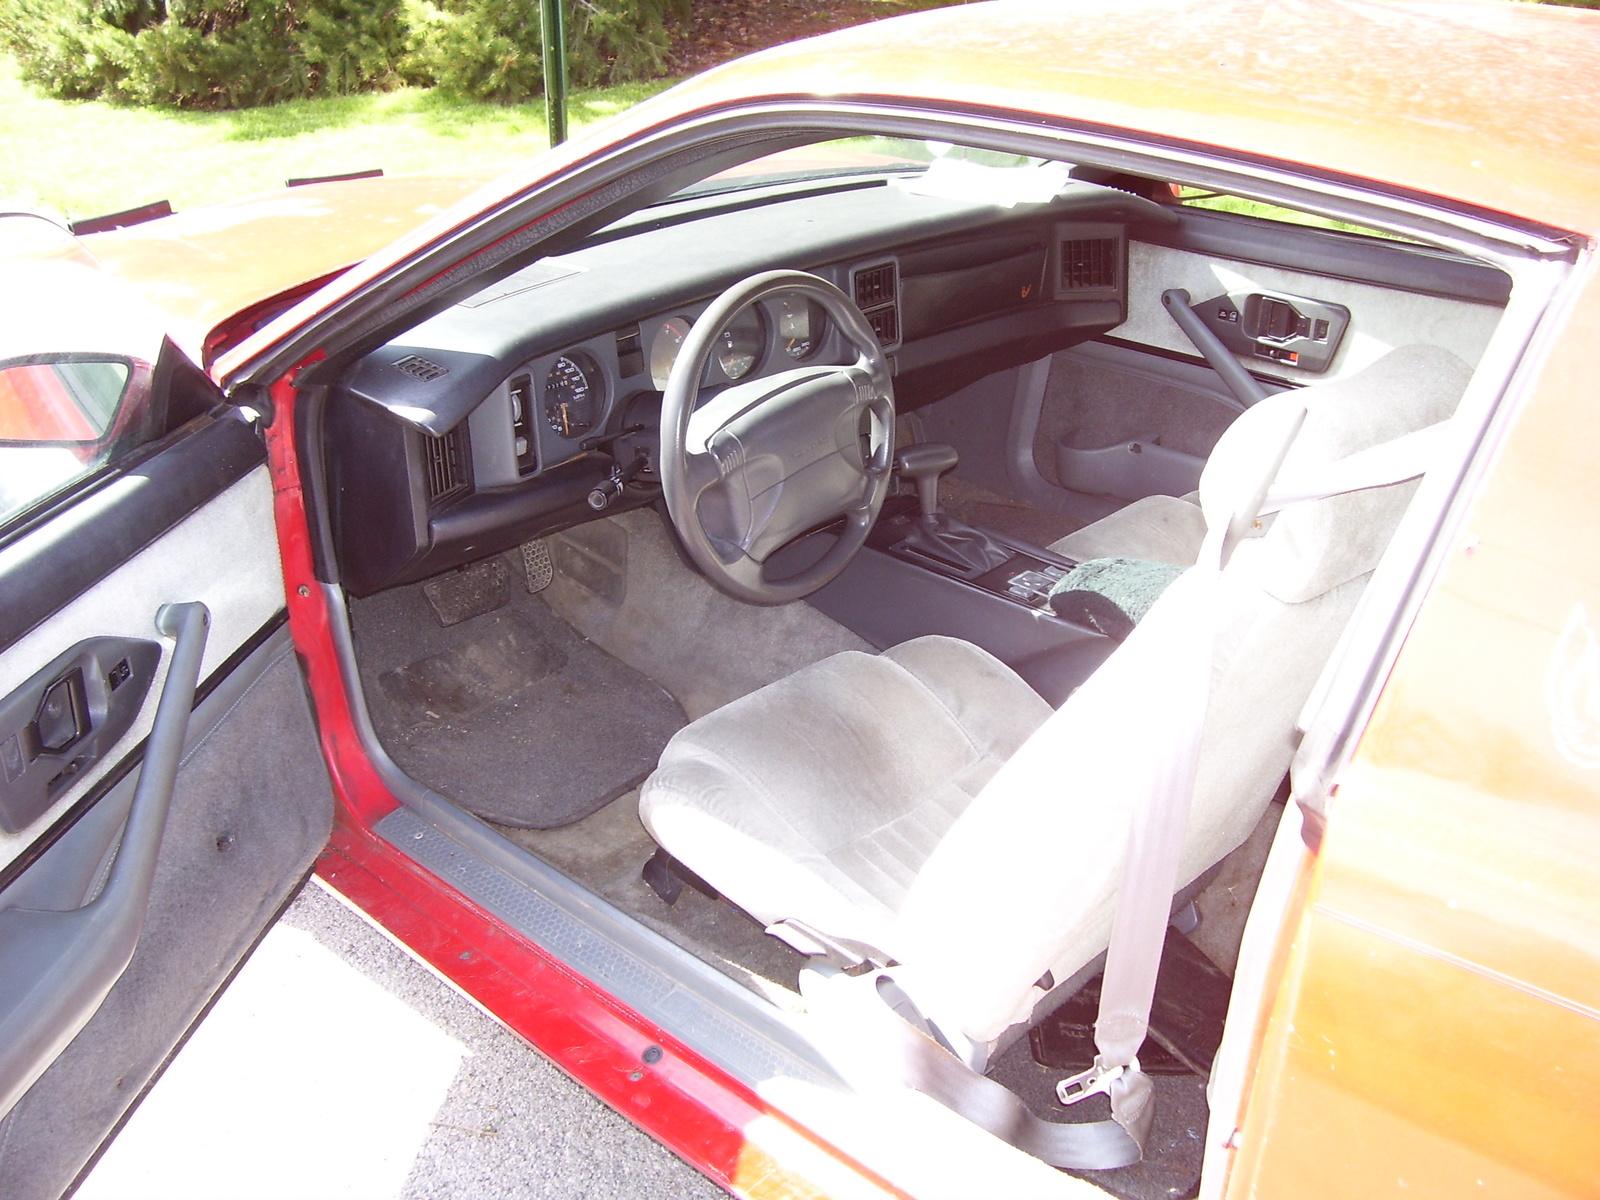 1991 Pontiac Firebird Interior Pictures Cargurus